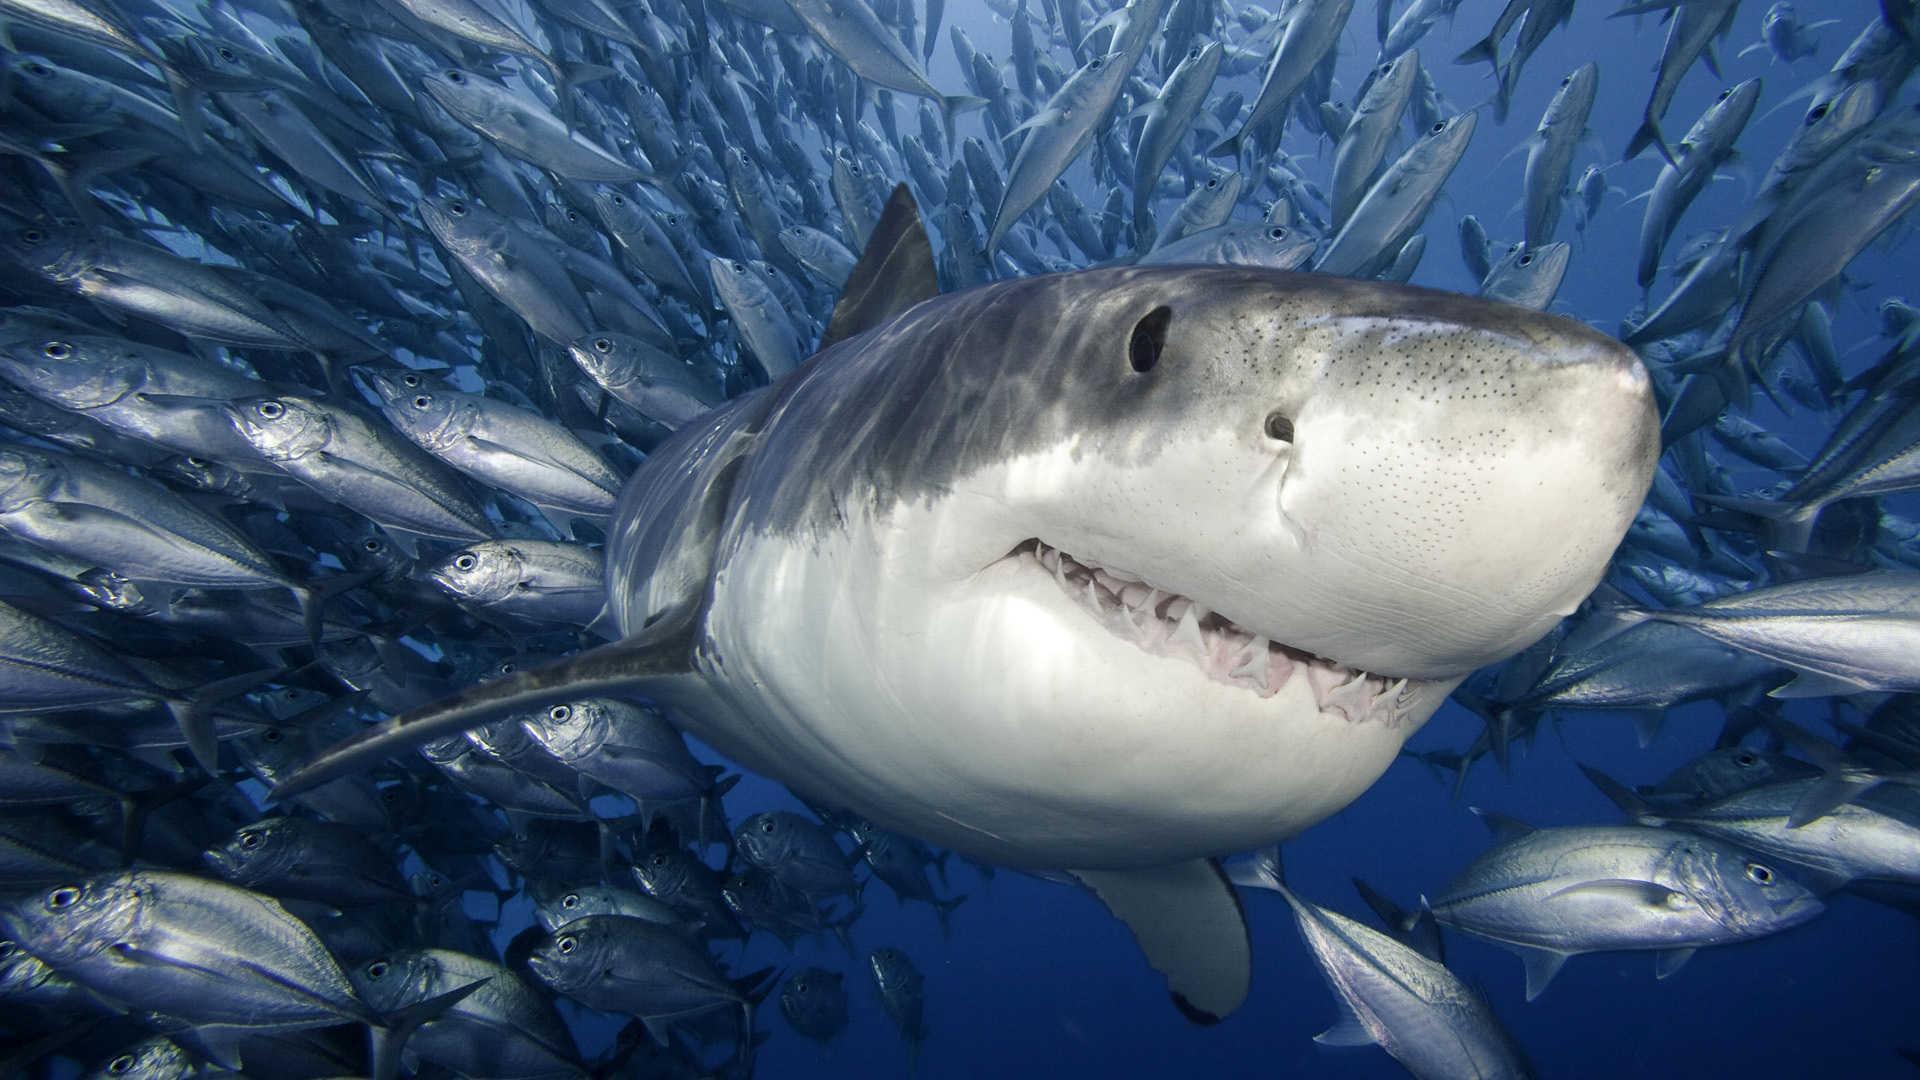 лучшие картинки акул отличии предыдущих сезонов